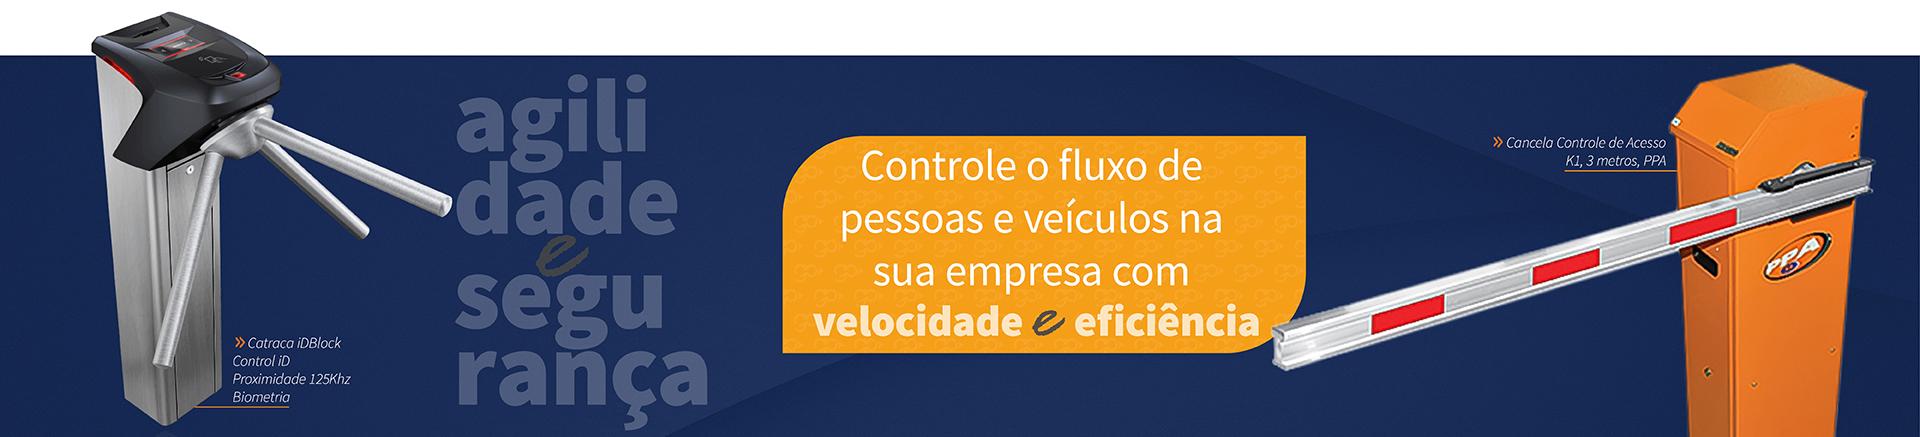 catraca idblock braÇo articulado inox control id proximidade 125khz + biometria